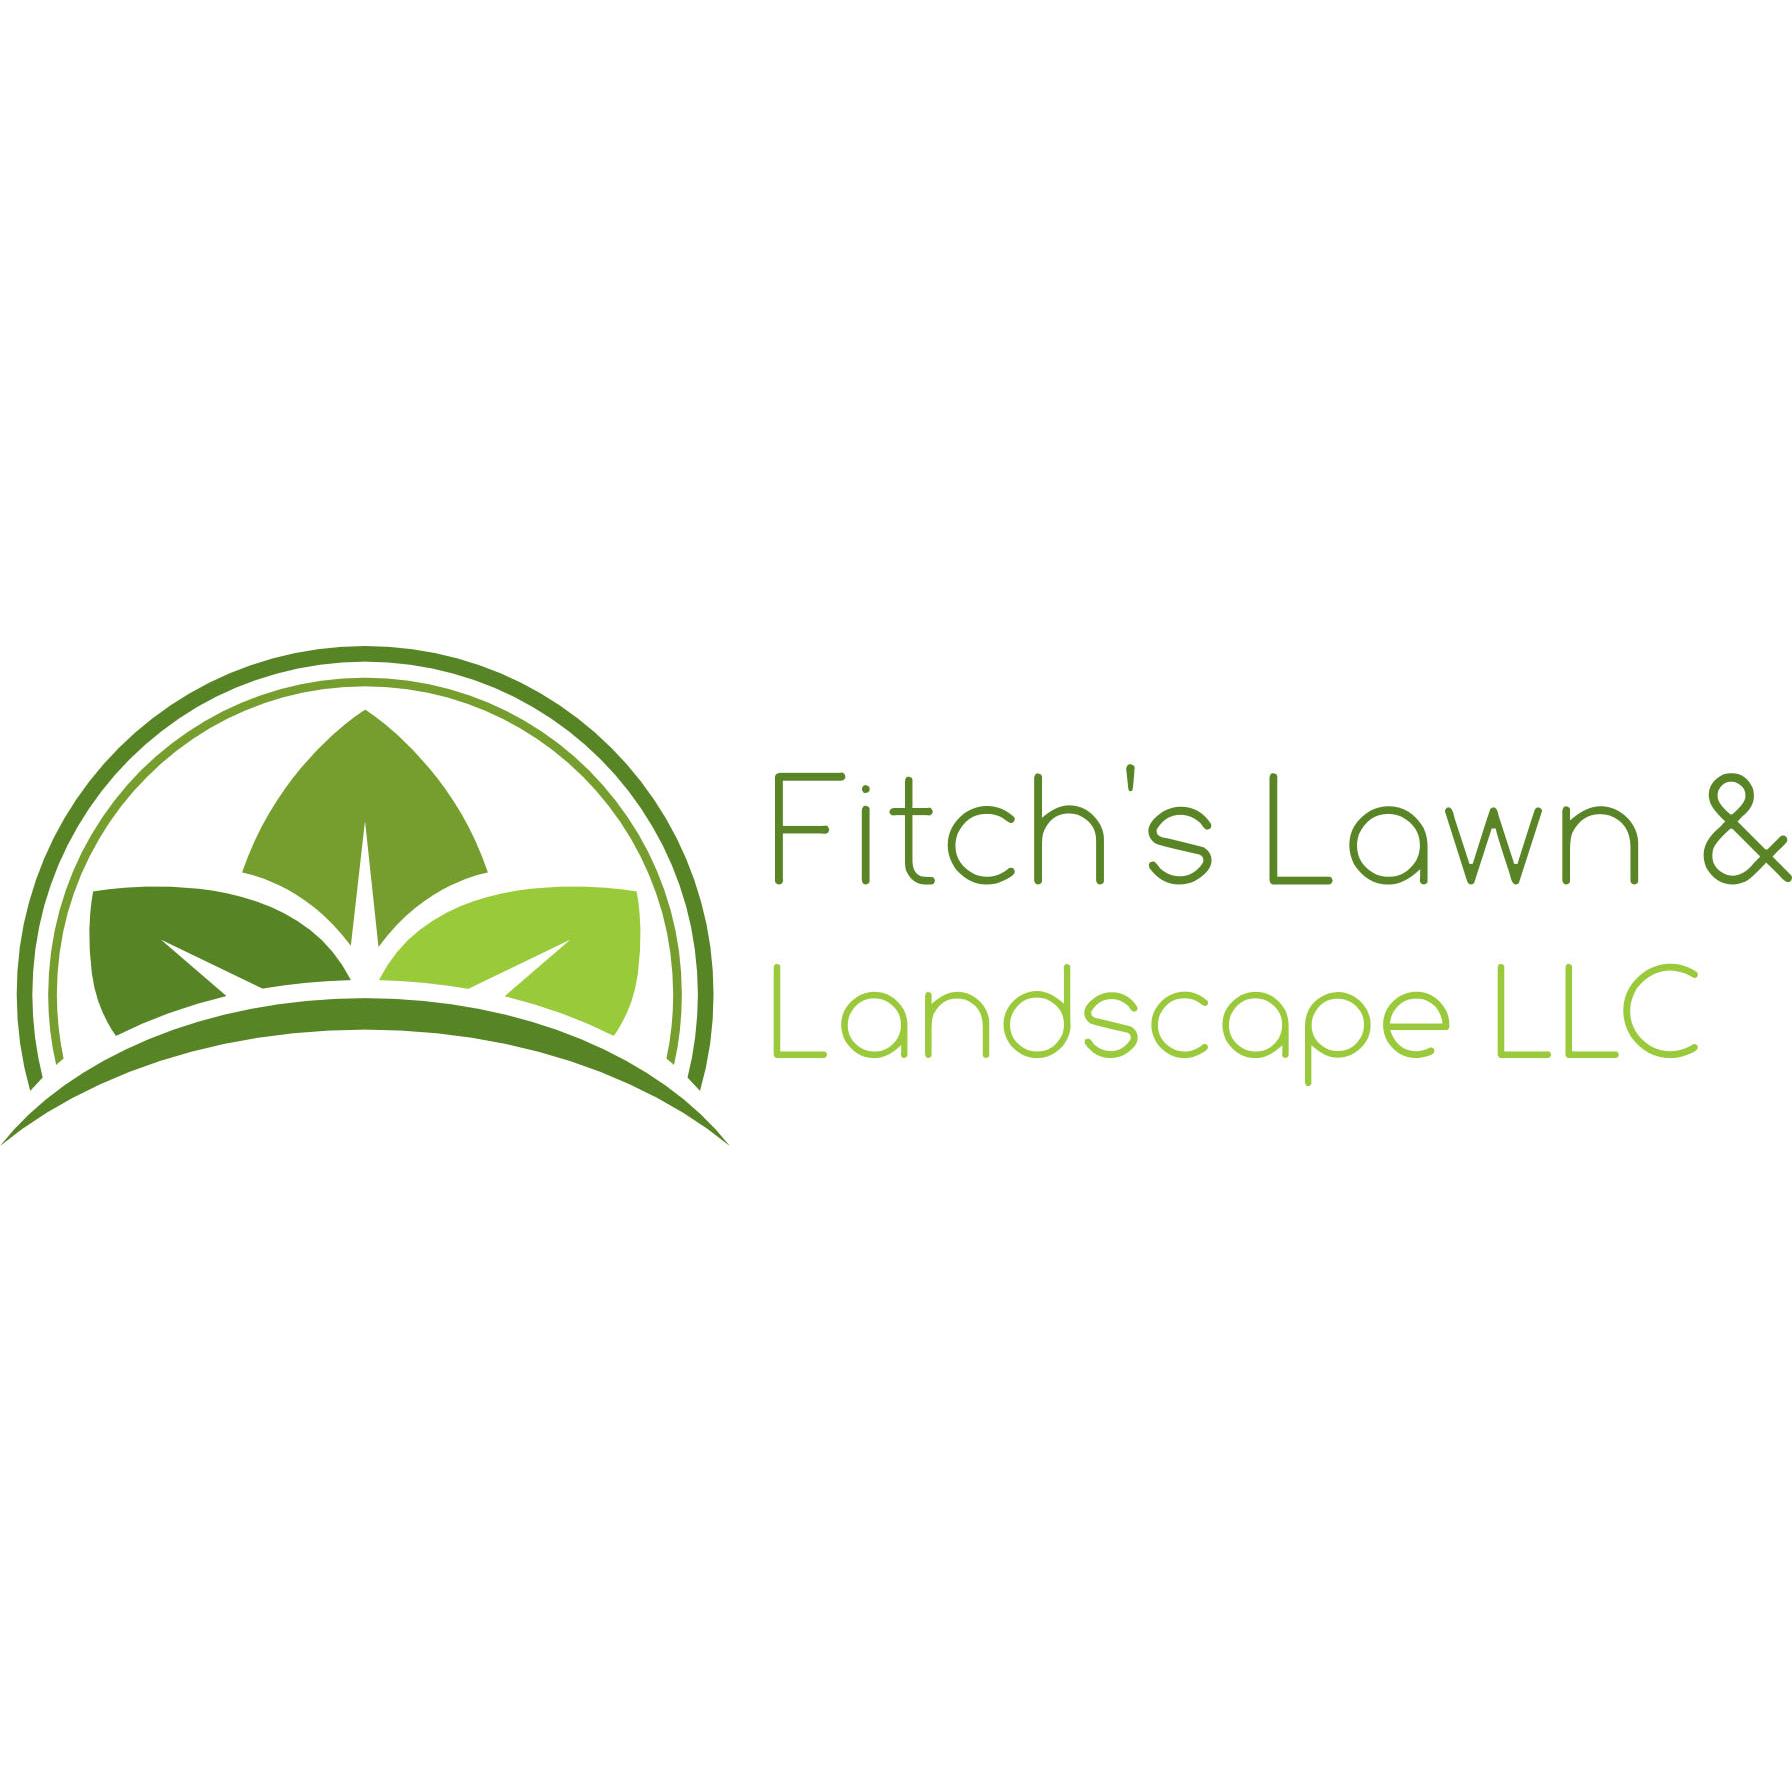 Fitch's Lawn & Landscape, LLC